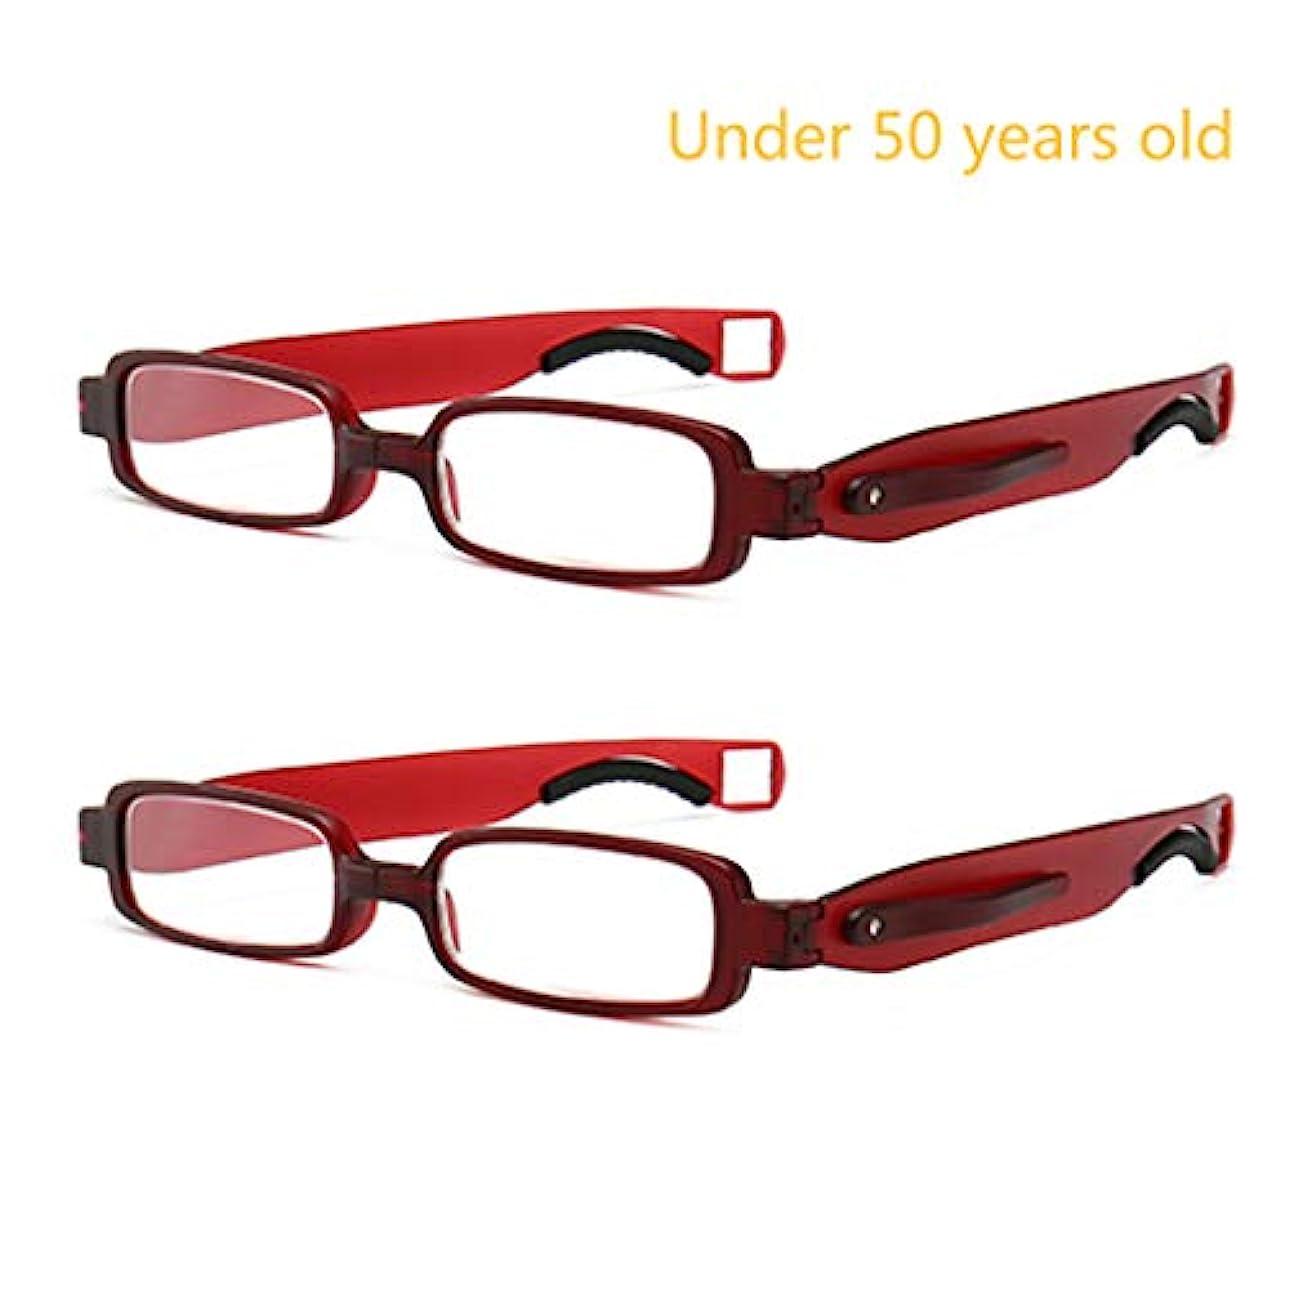 360度回転老眼鏡、折り畳まれた男性と女性の読者。 TR90素材、厚めのテンプルデザイン、軽量で耐久性、持ち運びに便利。